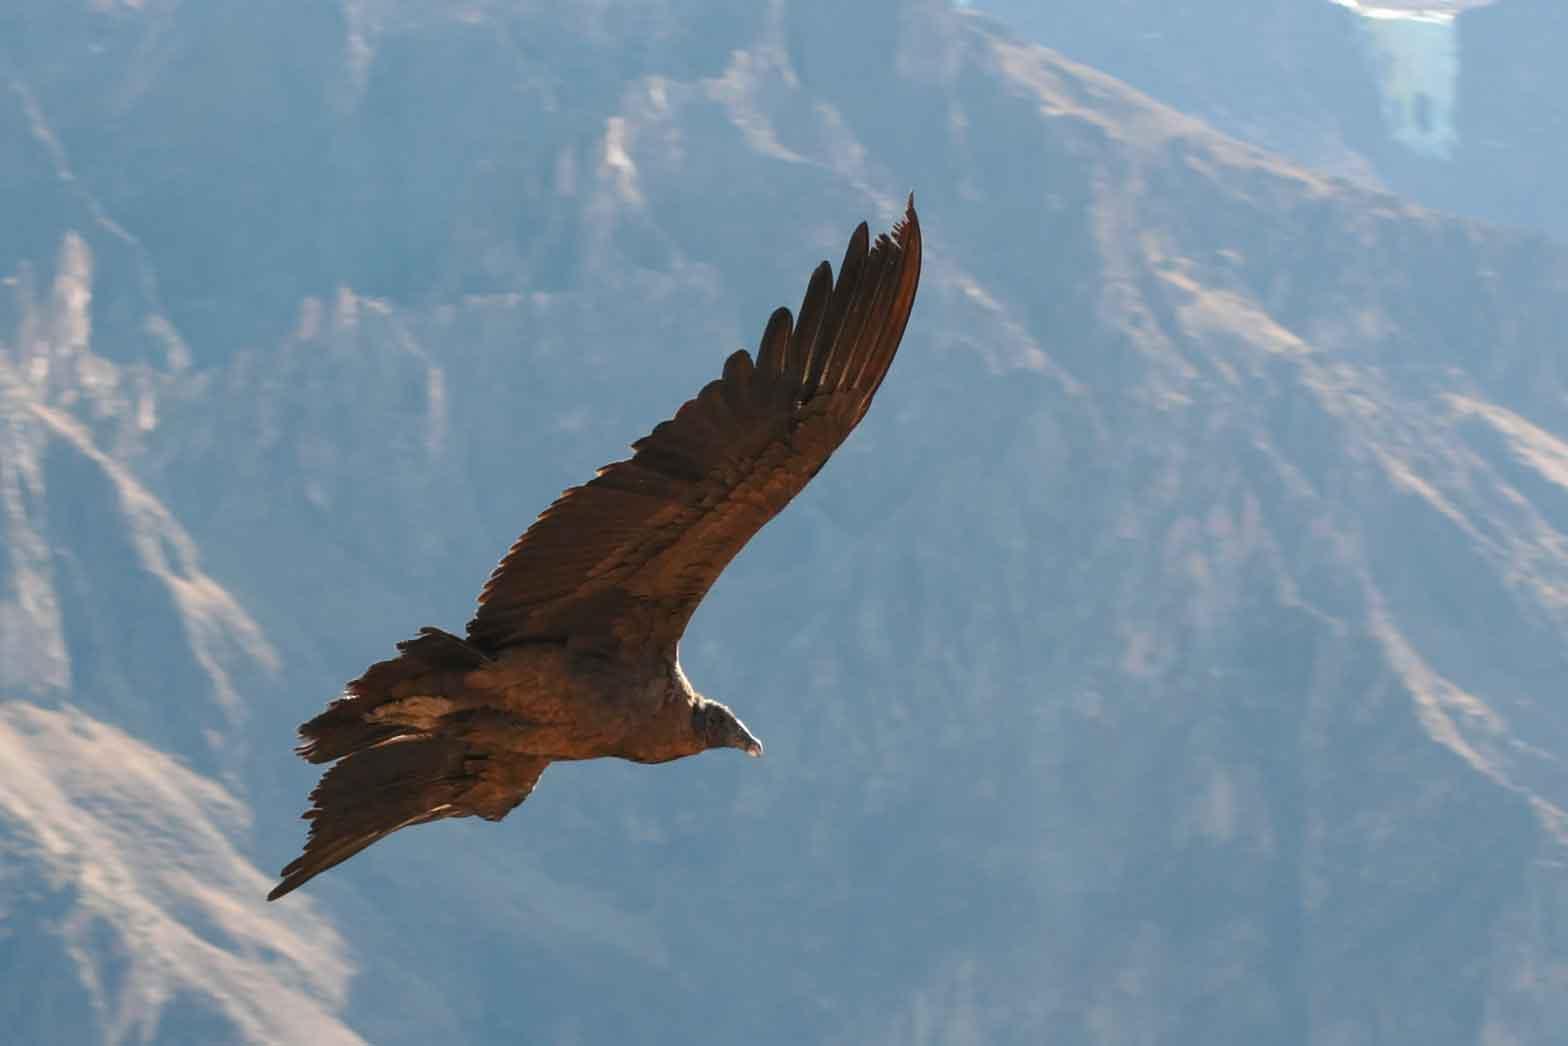 The Majestic Condor